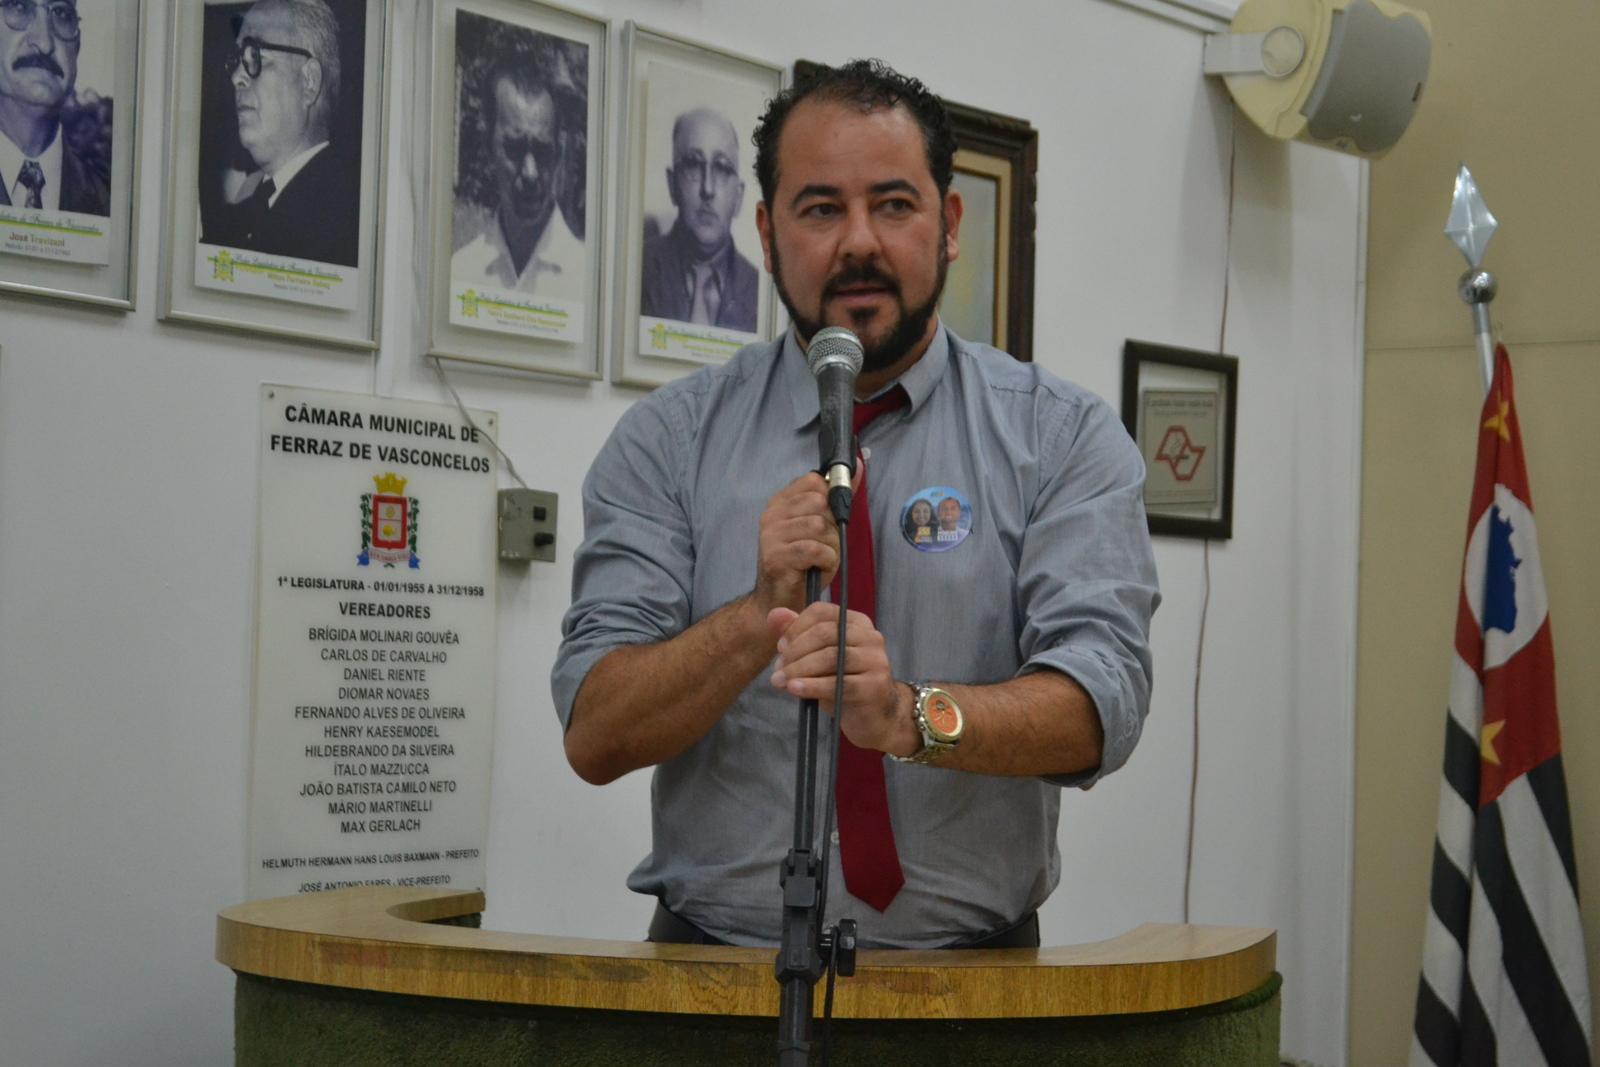 Nicolas comemora a sua reeleição e agradece votação expressiva nas urnas